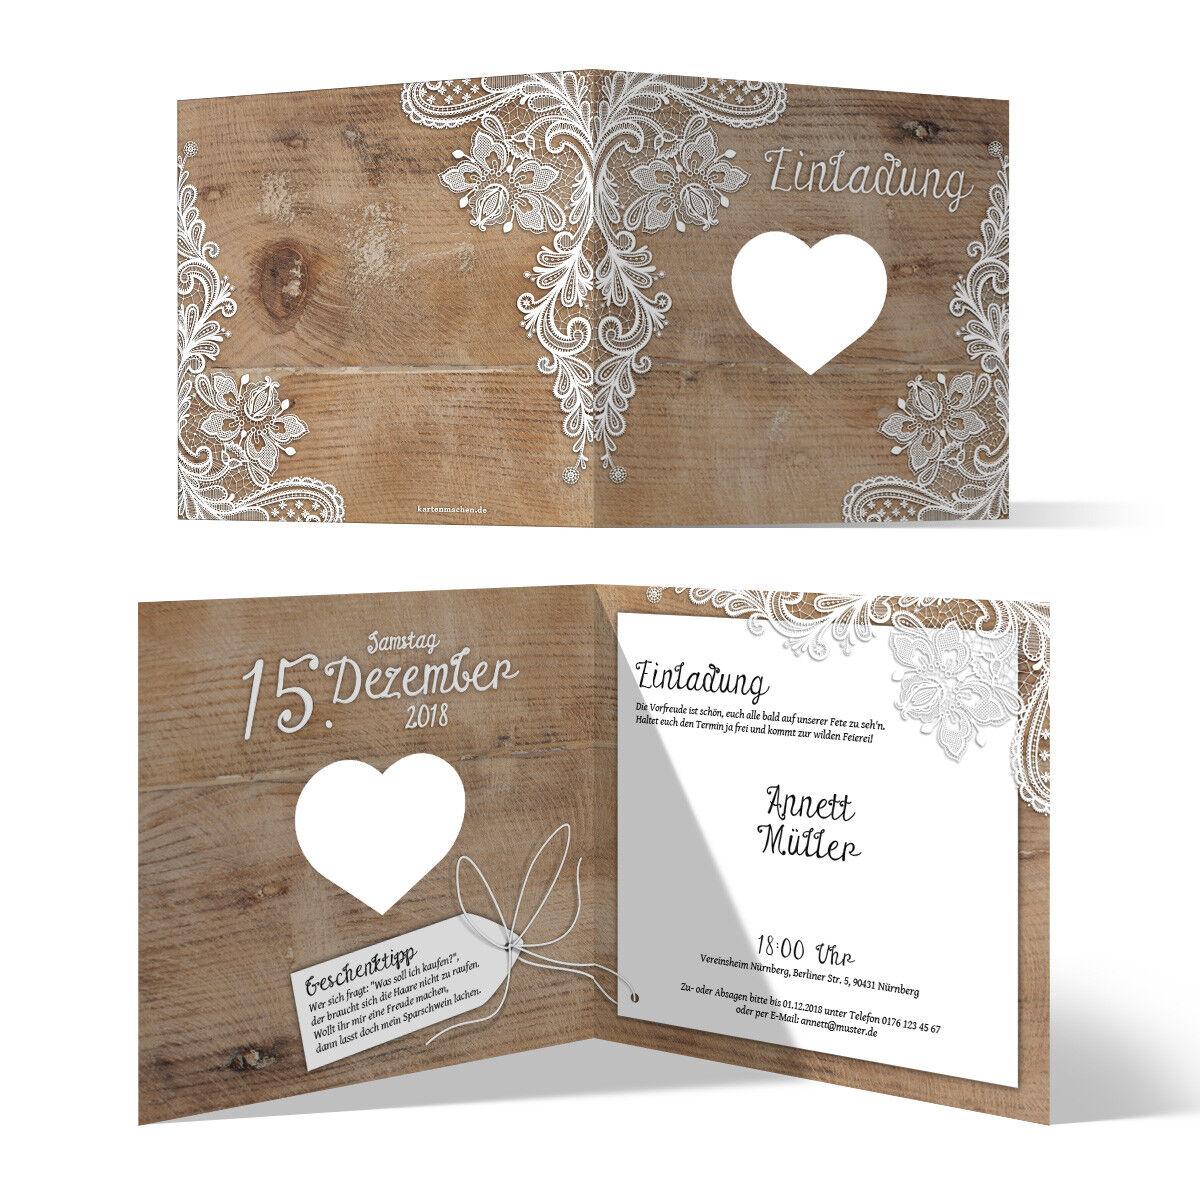 Lasergeschnittene Geburtstag Einladungskarten Einladung Rustikal weiße Spitze   | Feinen Qualität  | Genial Und Praktisch